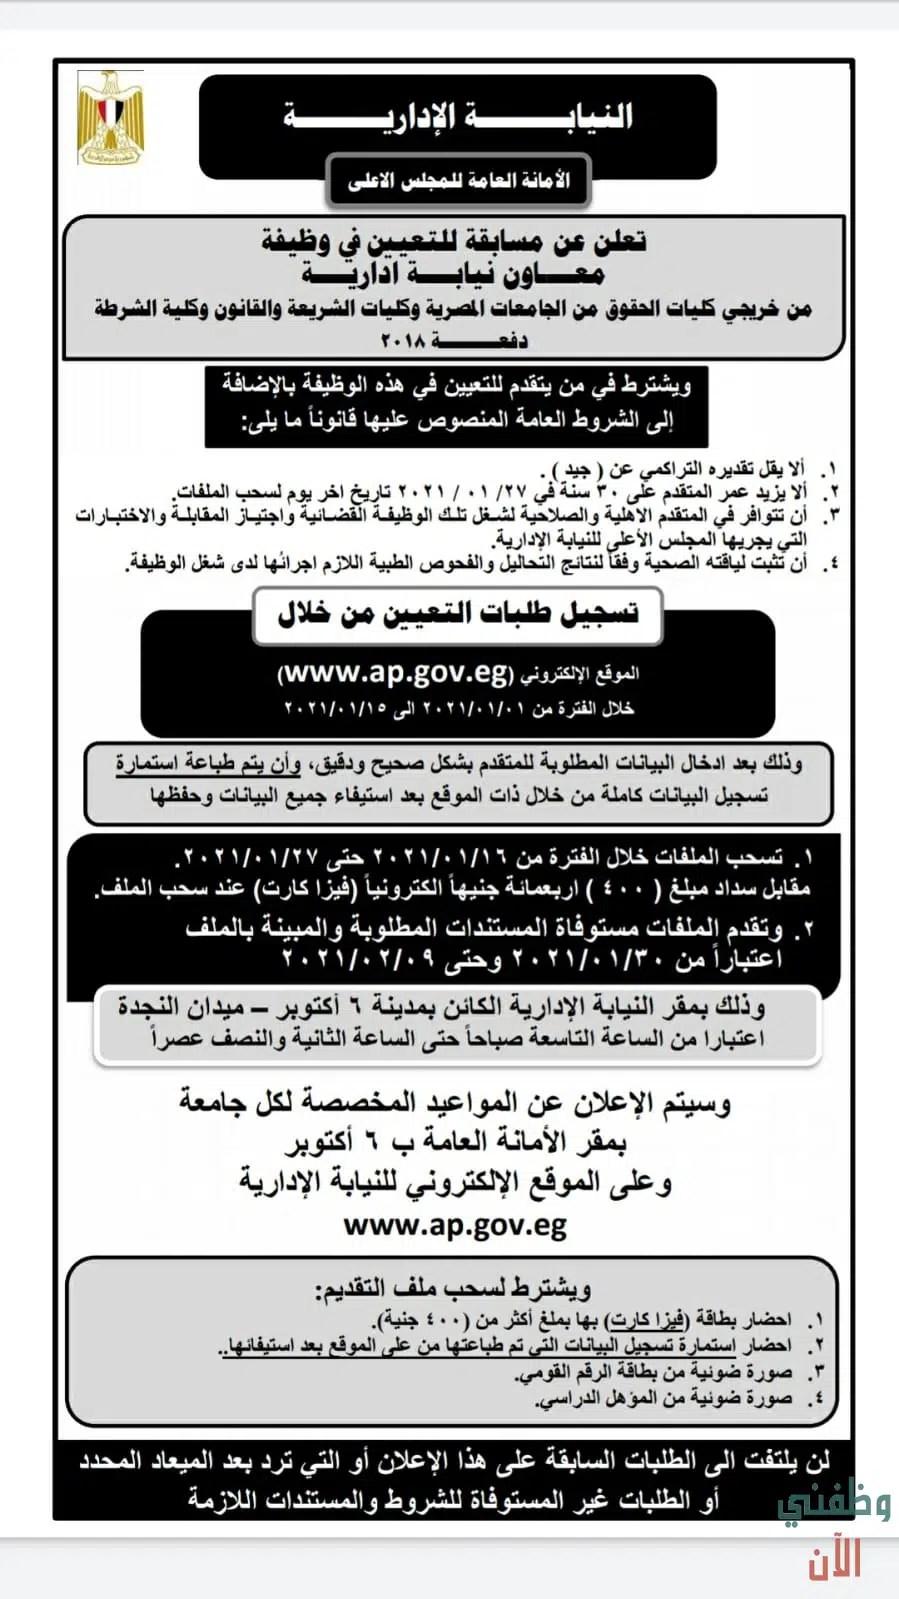 وظائف النيابة الإدارية في مصر وظيفة معاون نيابة 1